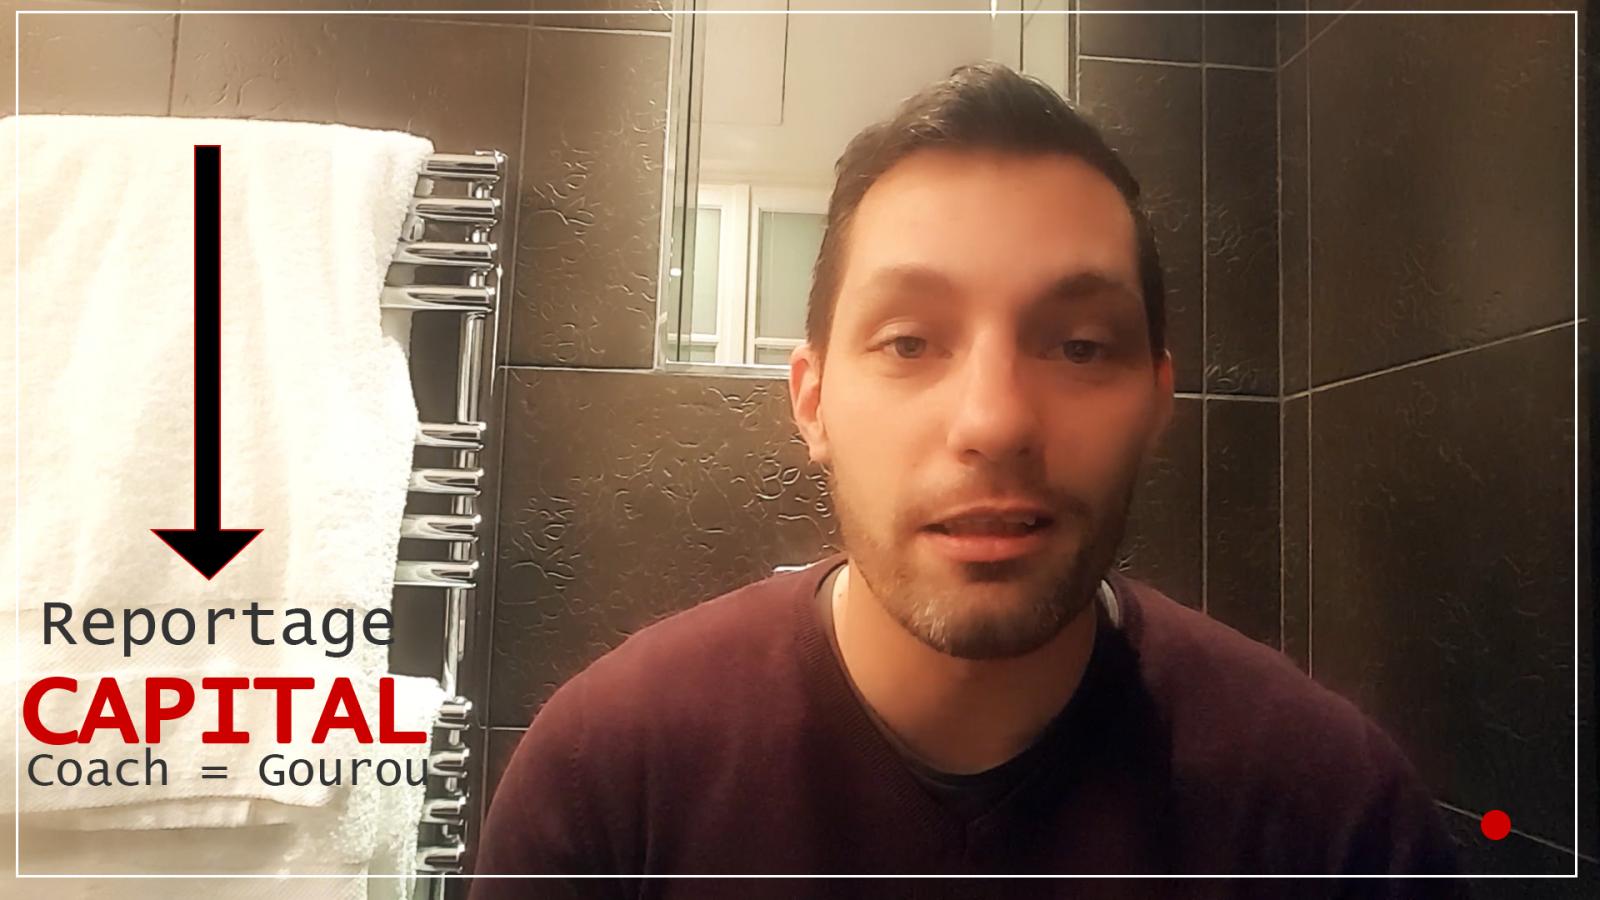 Capital M6, Les coachs sont des gourous : Ma réponse en vidéo